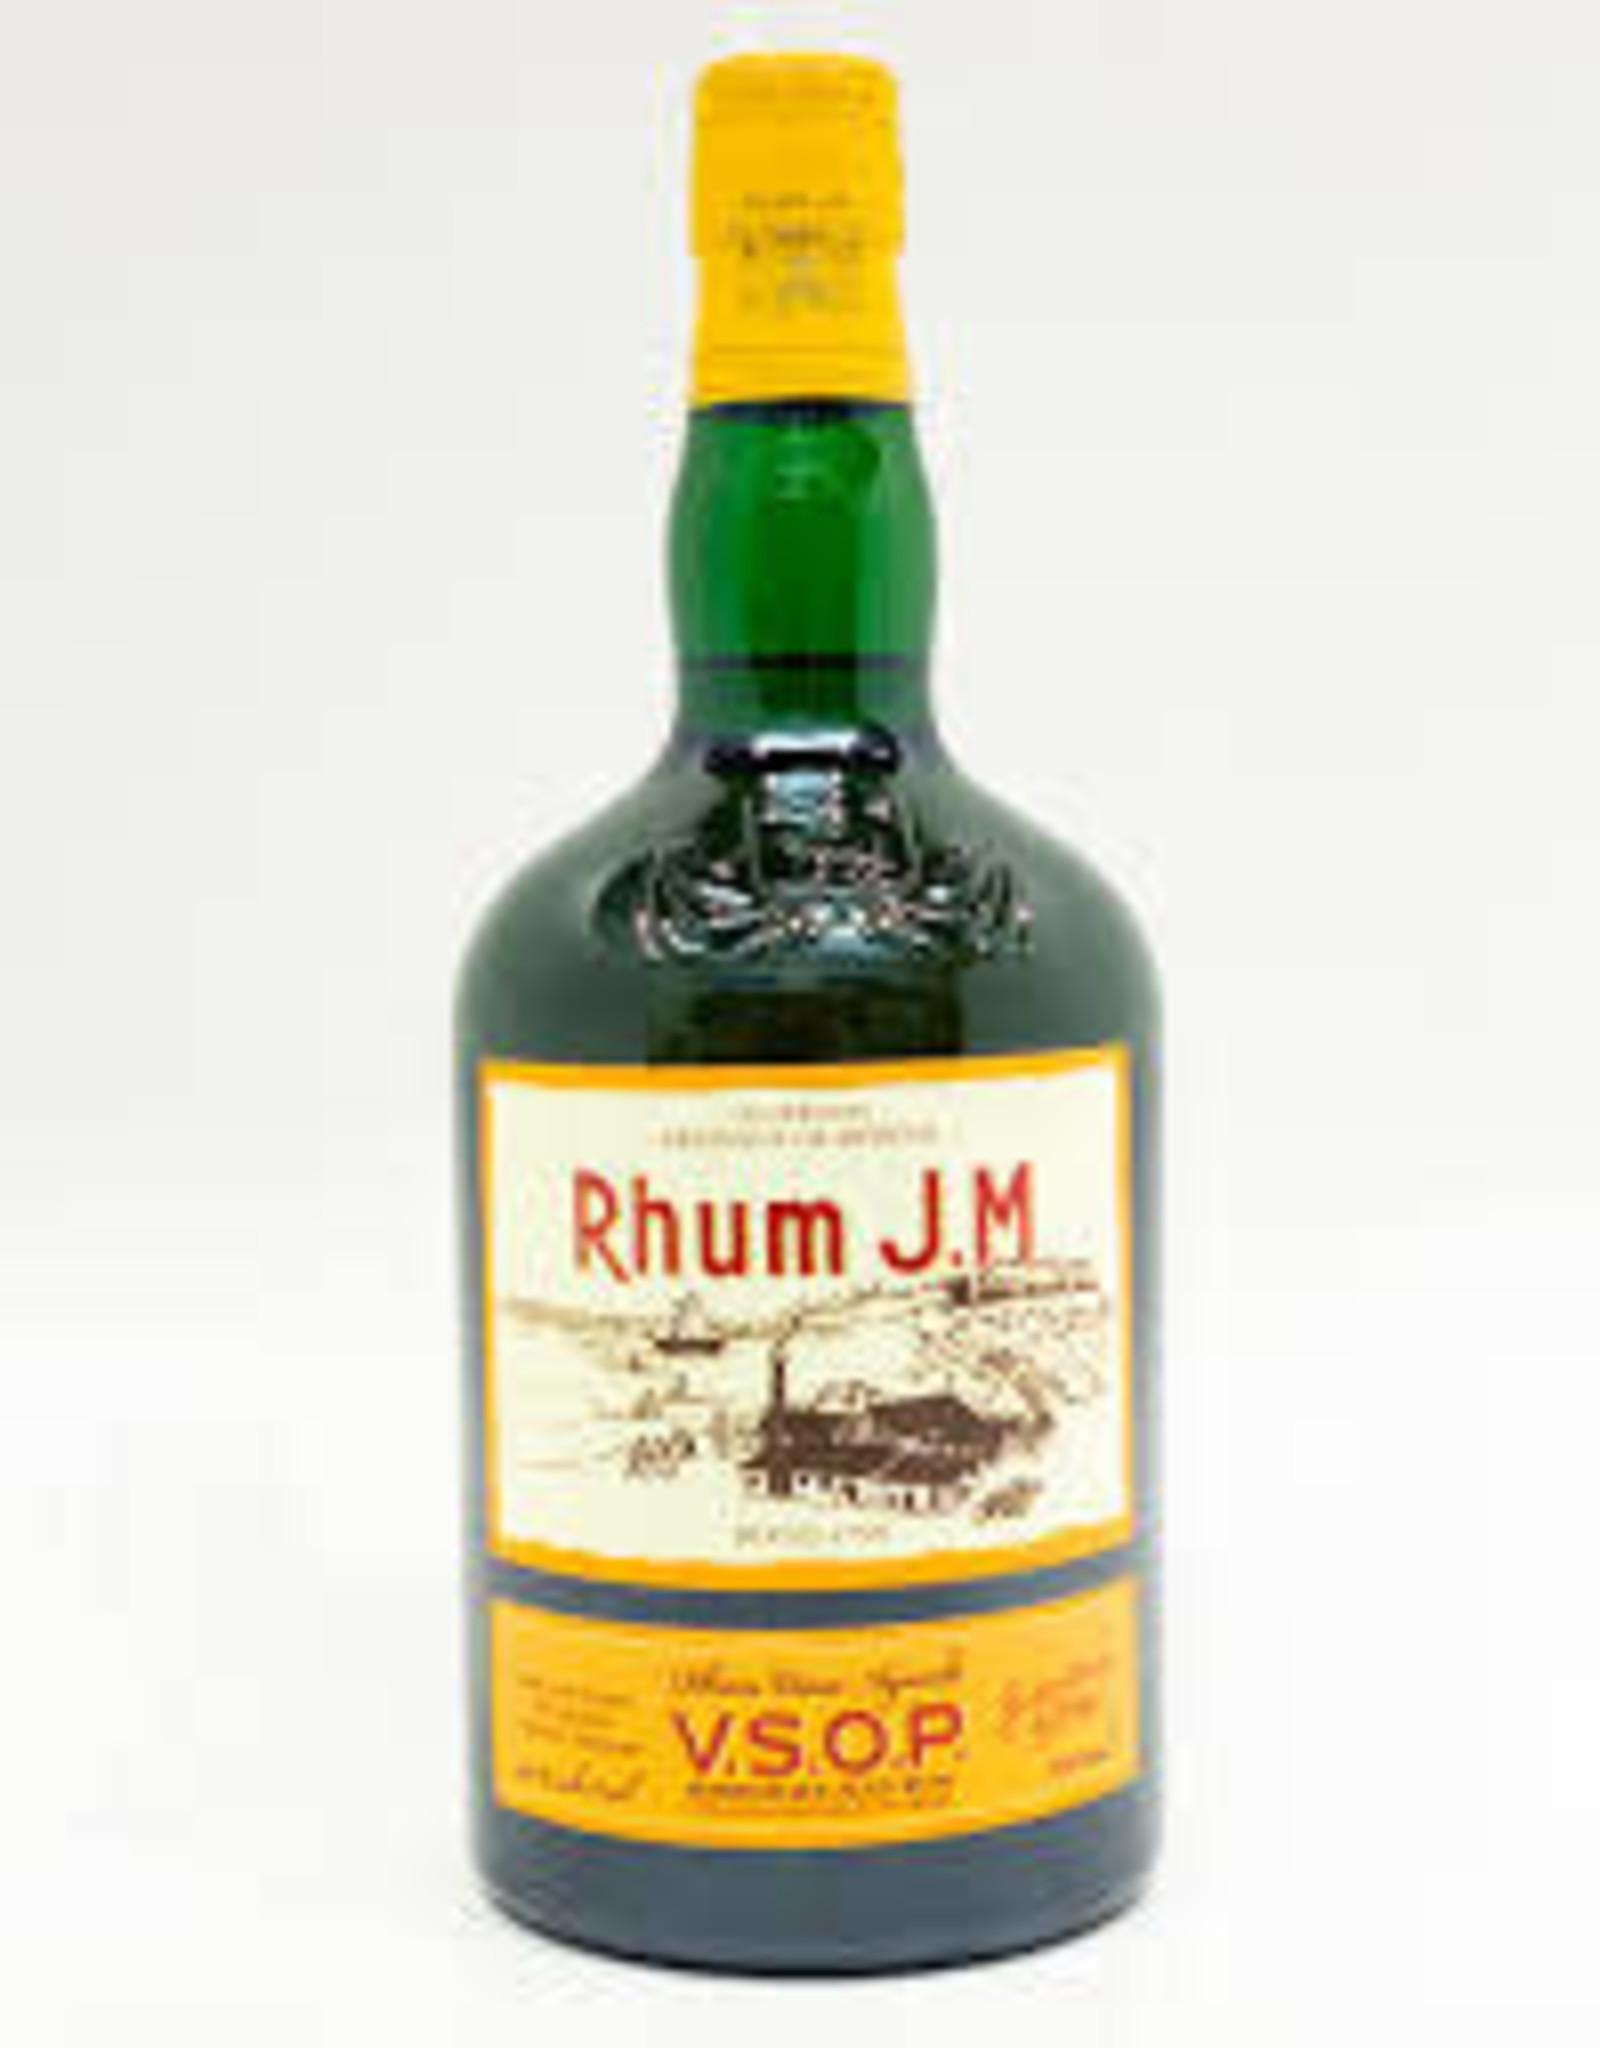 Rum, Martinique, VSOP, Rhum J.M.